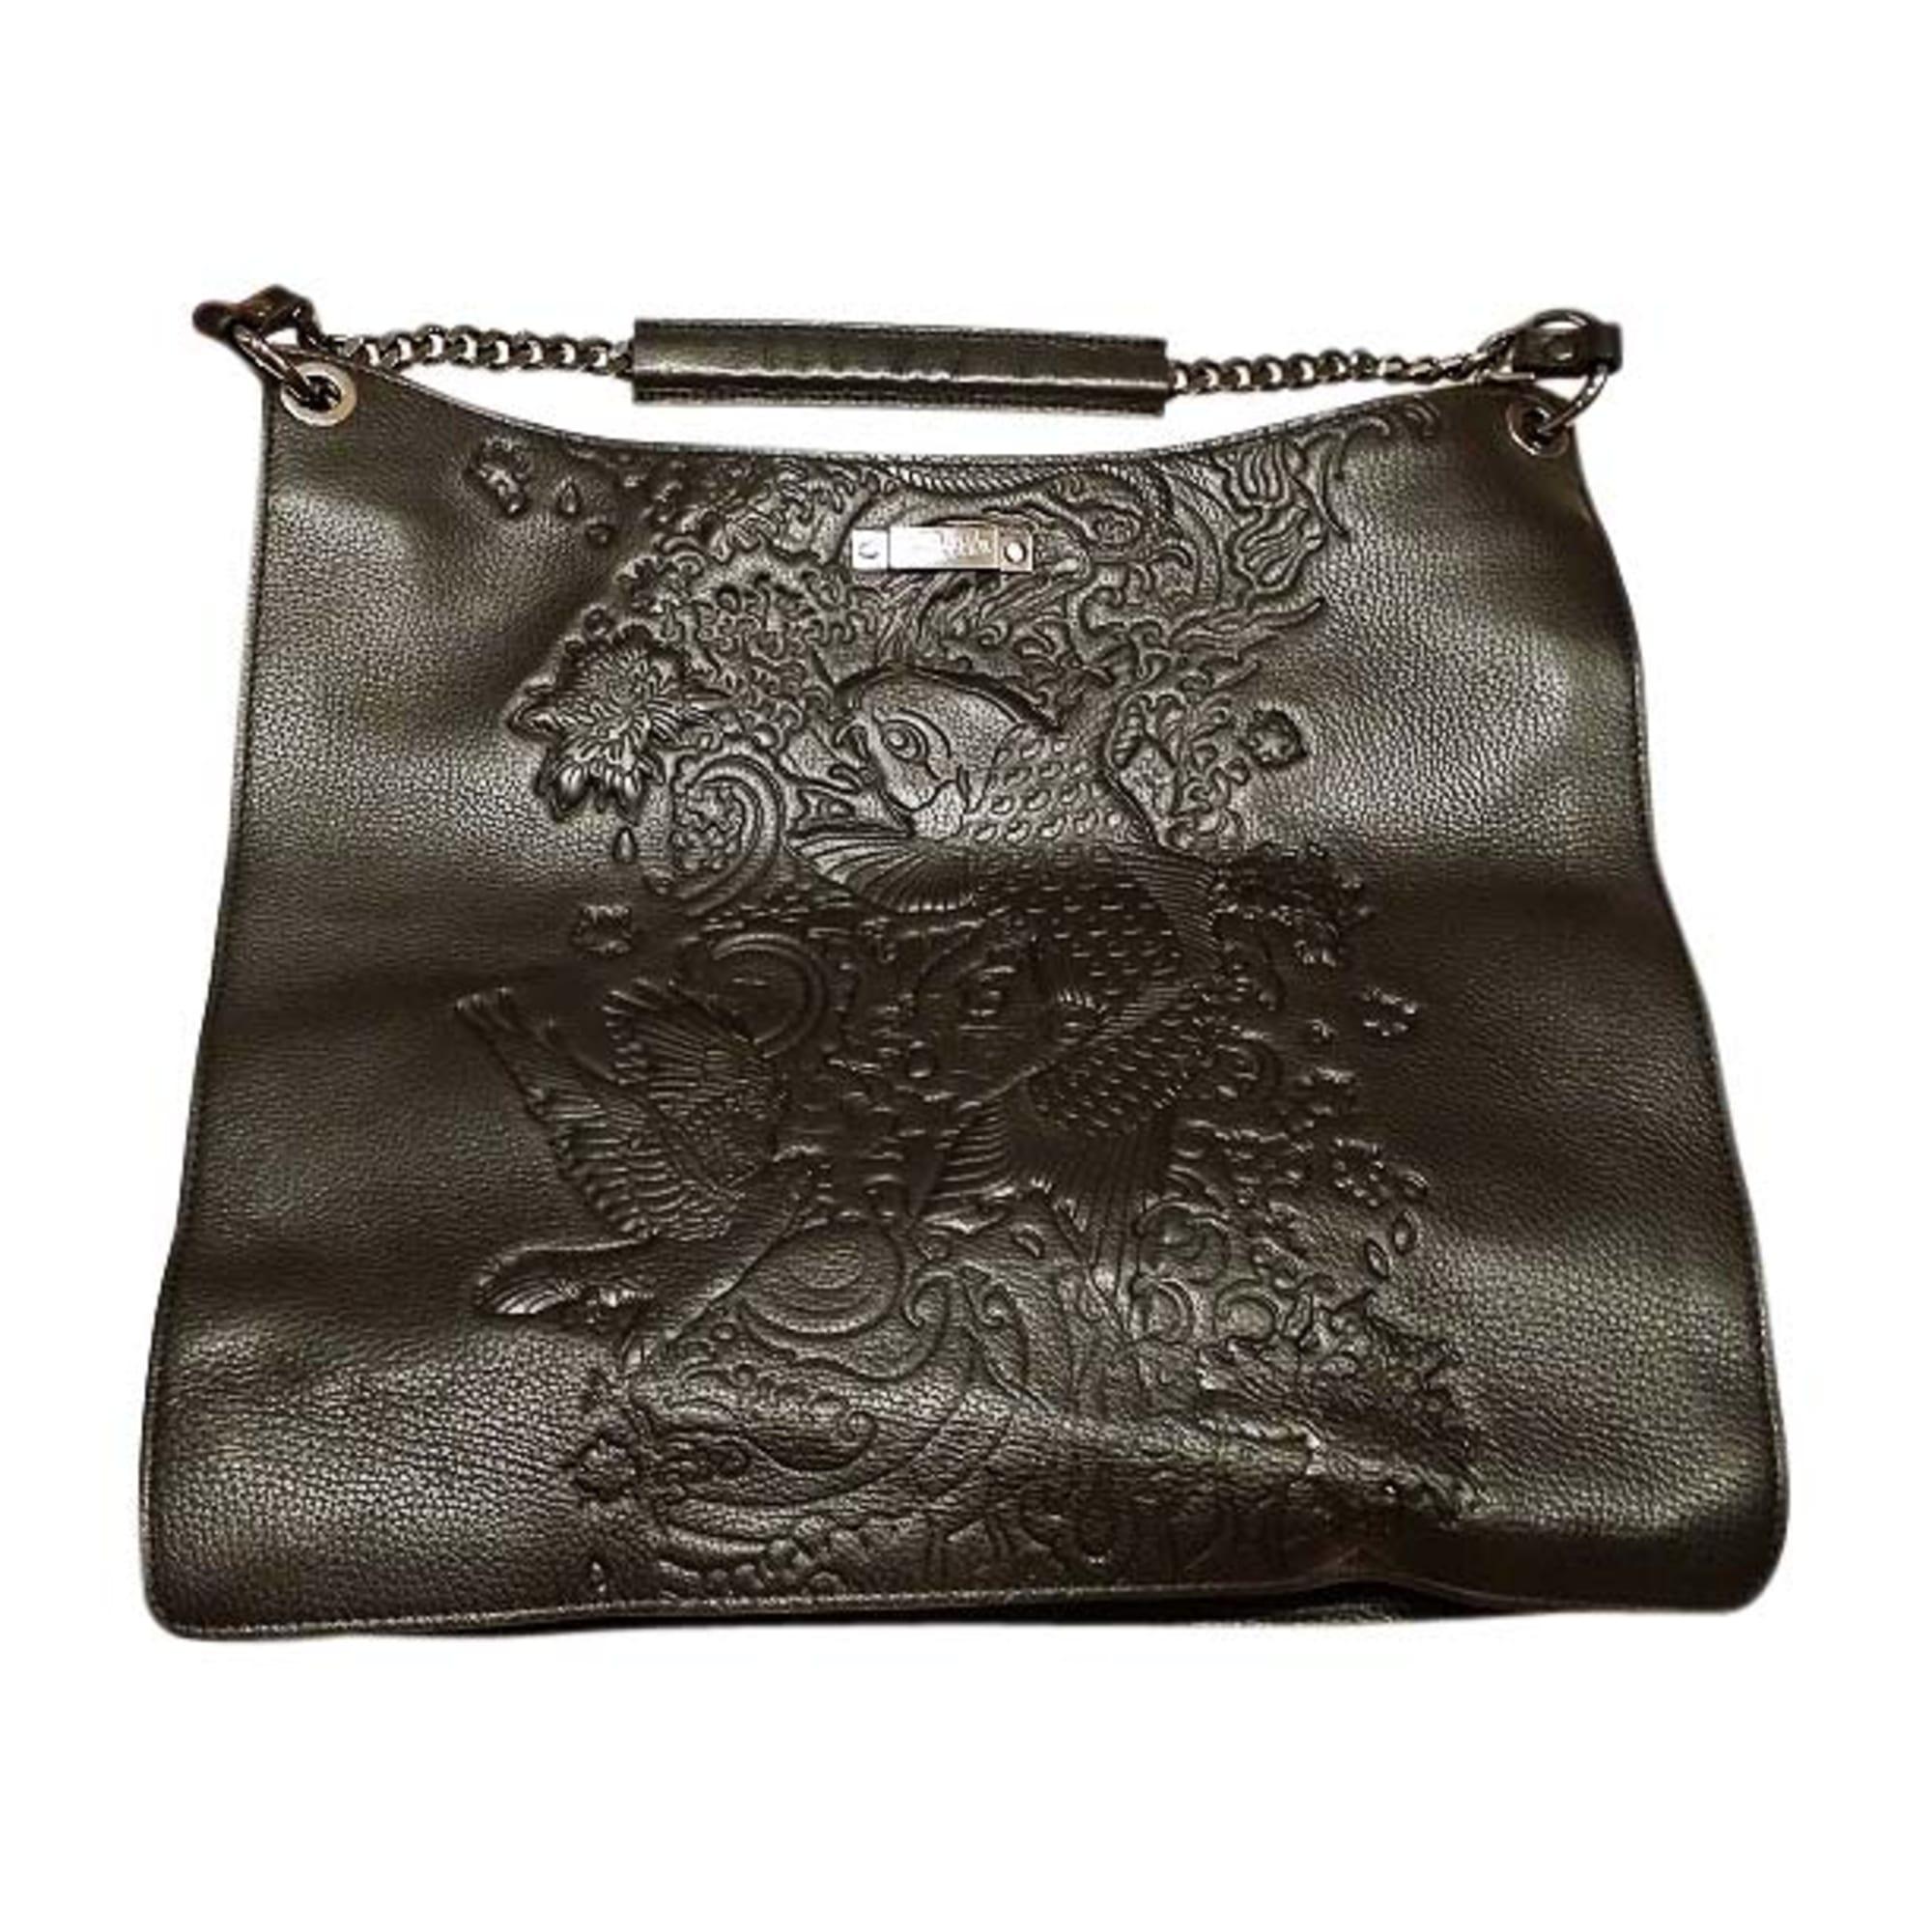 0293a6e8bb Sac à main en cuir JEAN PAUL GAULTIER noir vendu par Mite25 - 7656499